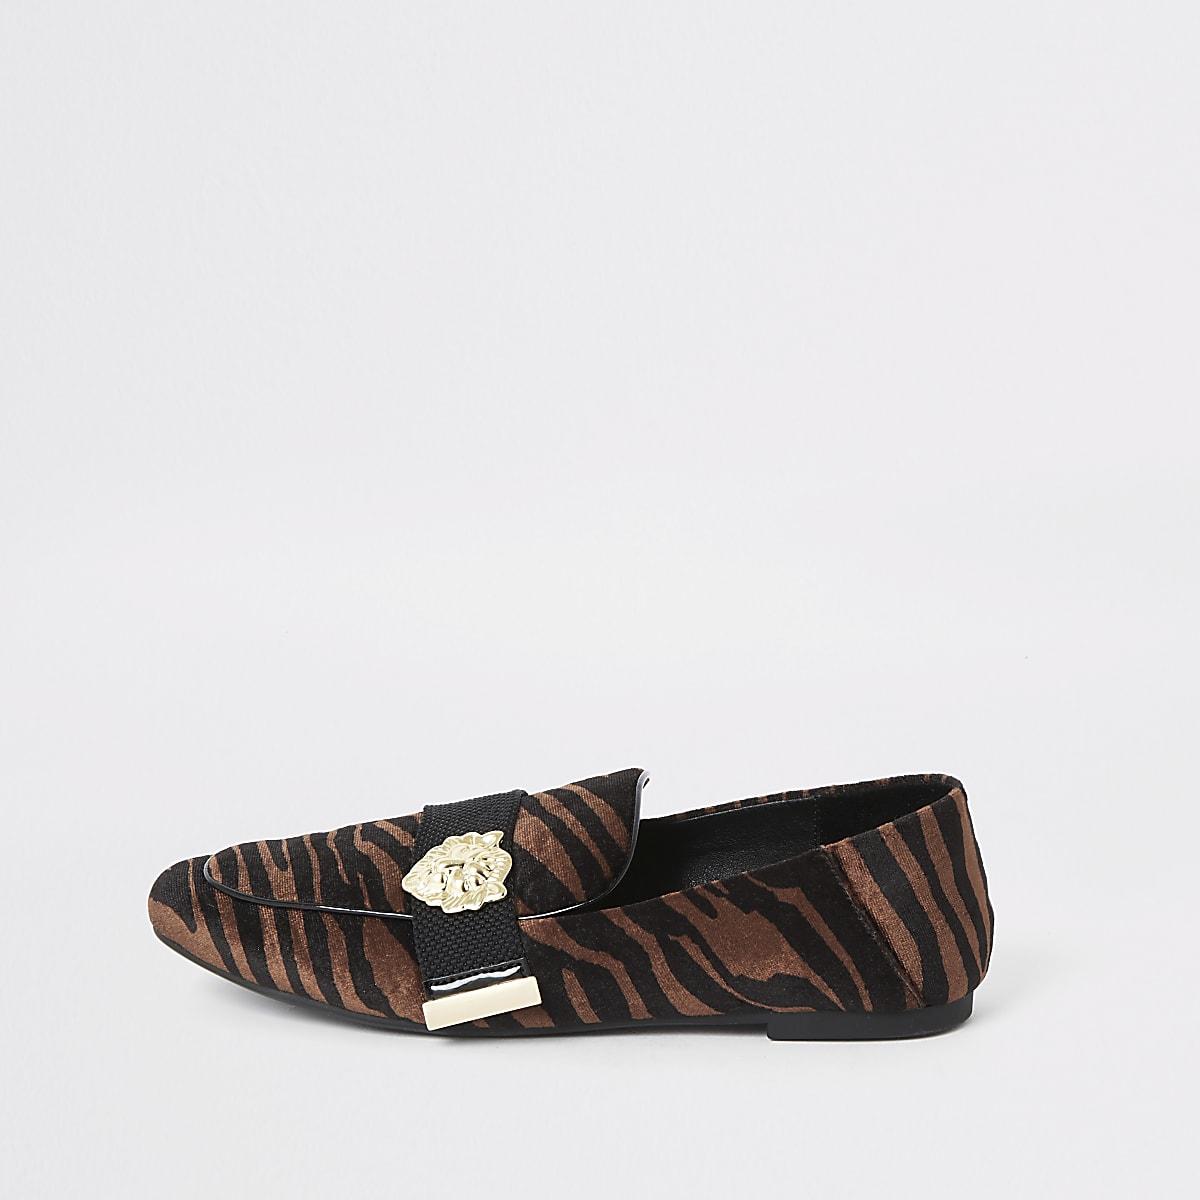 Braune Loafer mit Tiger-Print